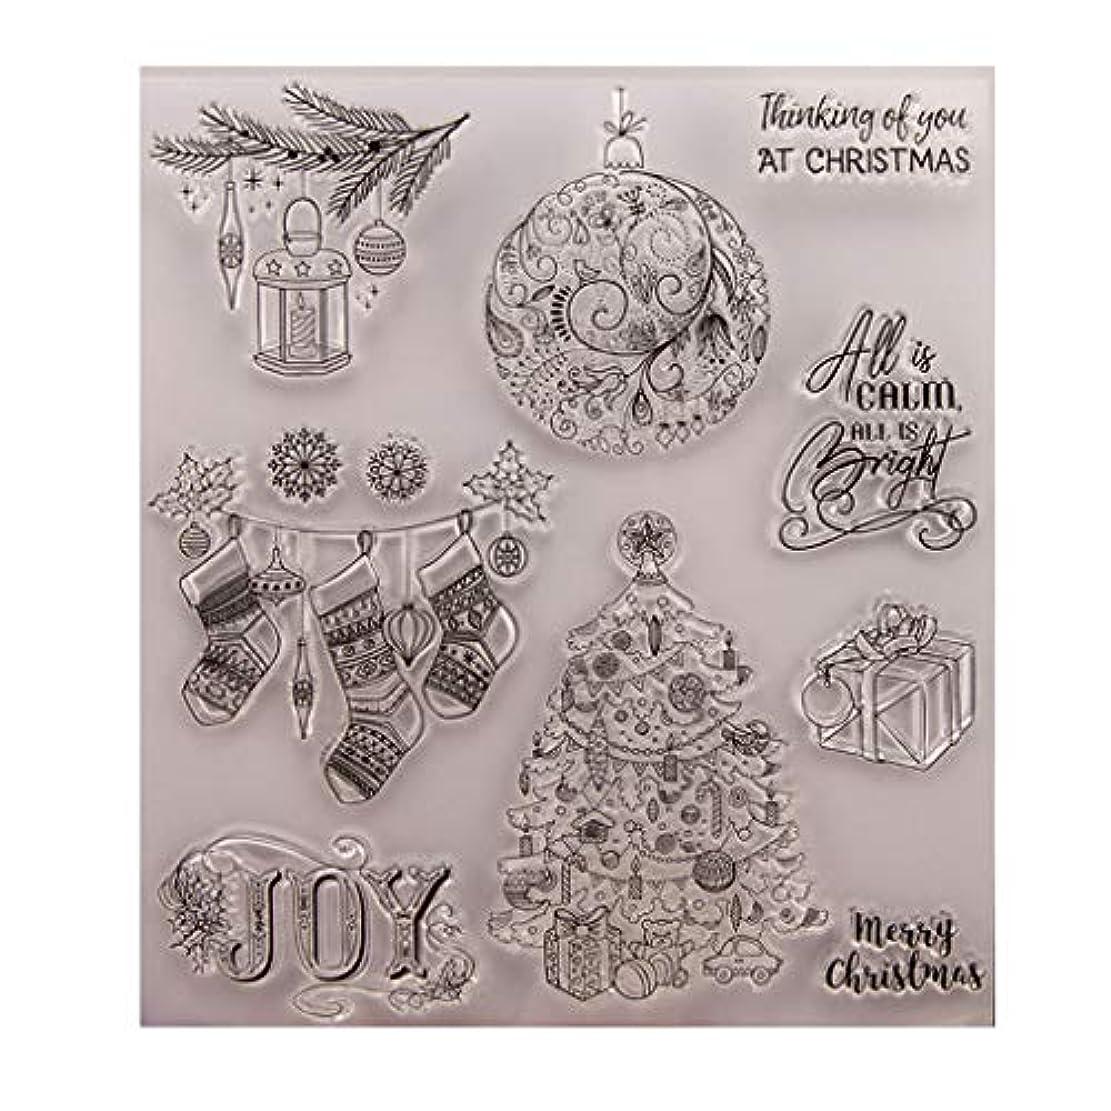 部分的に準拠セレナBaoyouls クリスマスギフト、クリアスタンプ、透明クリエイティブバッジ画像ラバースタンプシールDIYアルバムクラフトスクラップブックデコレーション、カレンダー